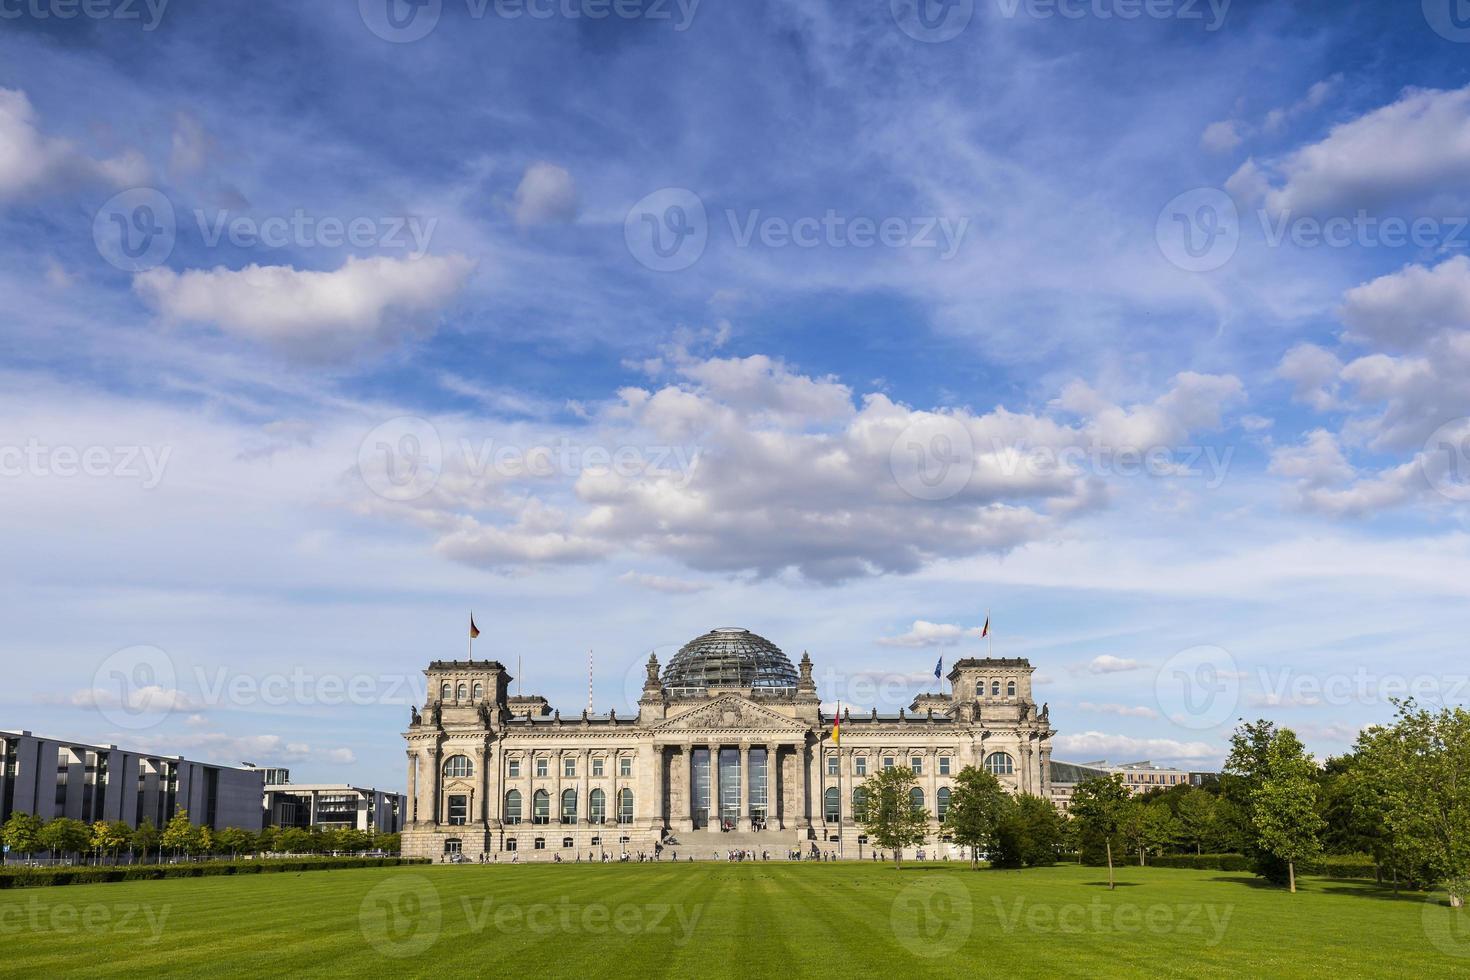 edificio del parlamento alemán (reichstag) en berlín foto